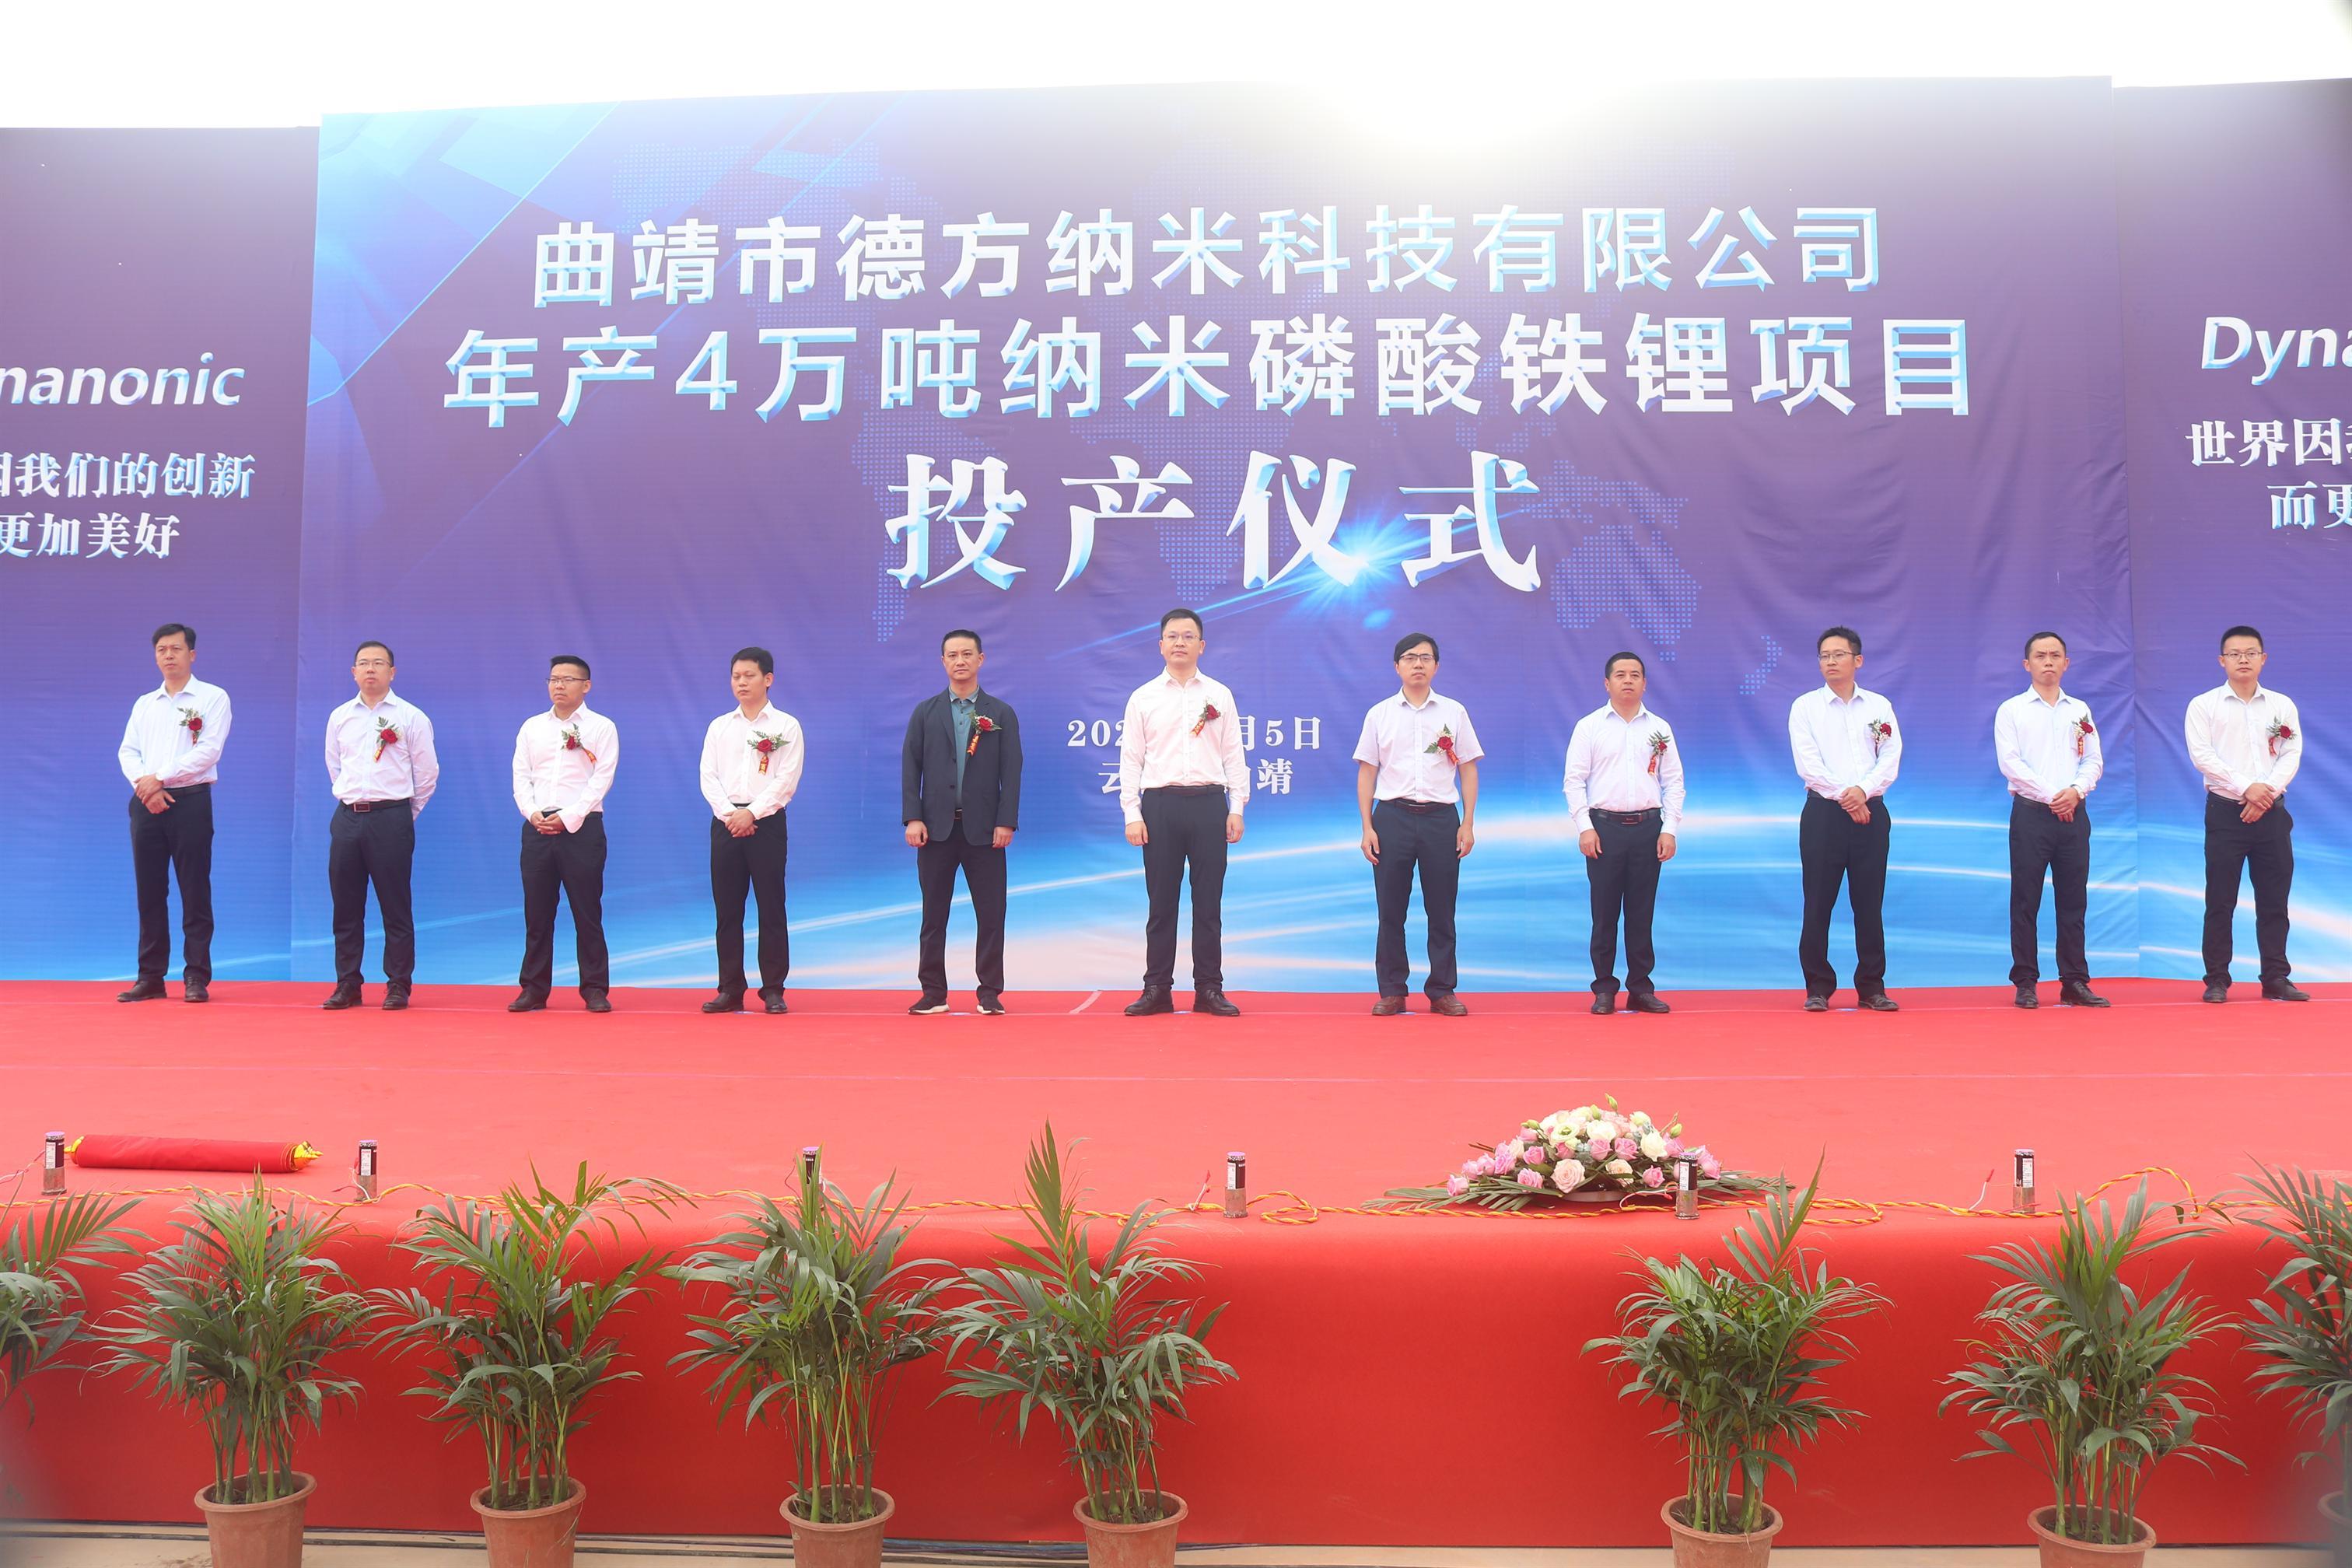 德方纳米:云南曲靖年产7.2万吨纳米磷酸铁锂项目即将投产